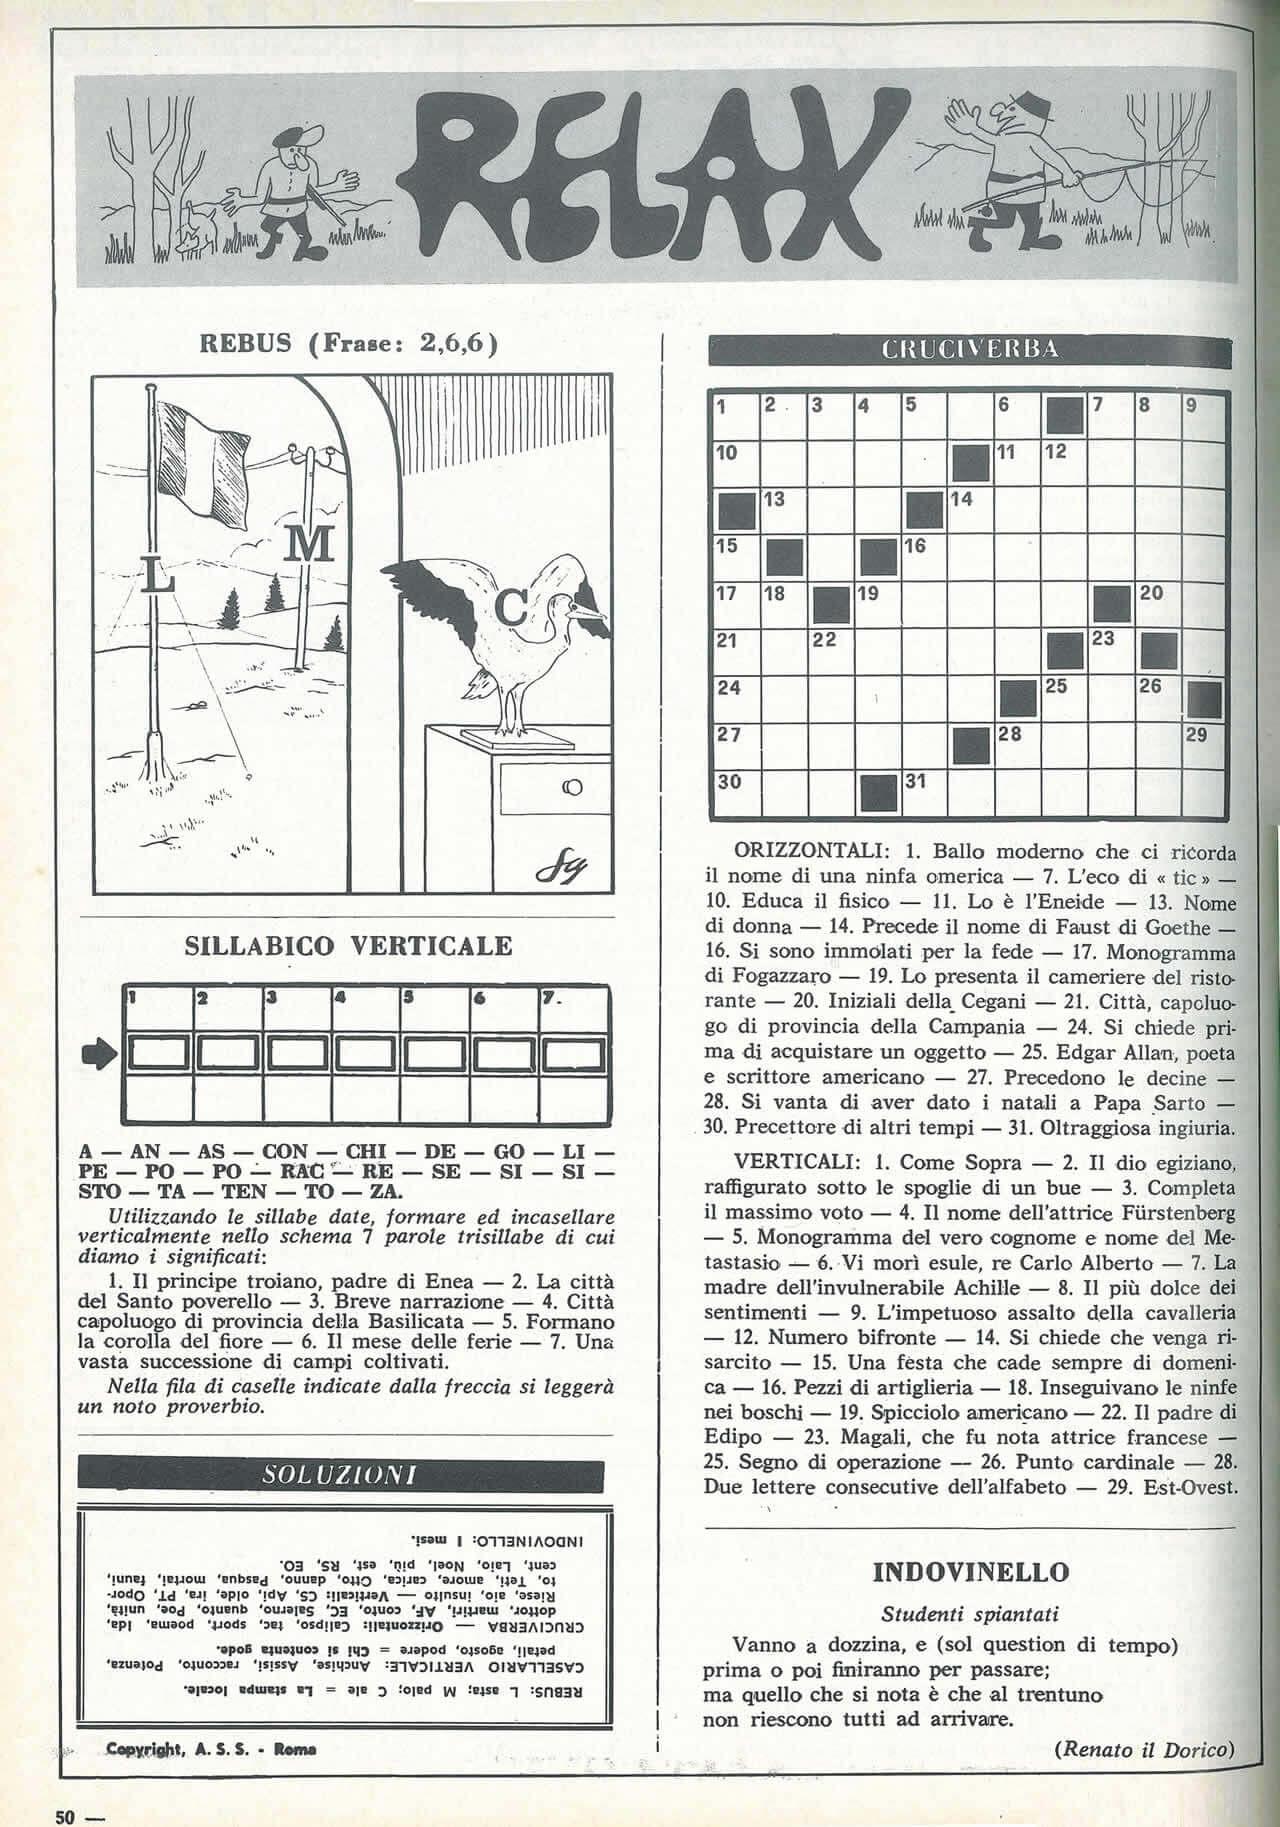 1974 Caccia e Pesca Tiro a Volo numero 1414 Relax